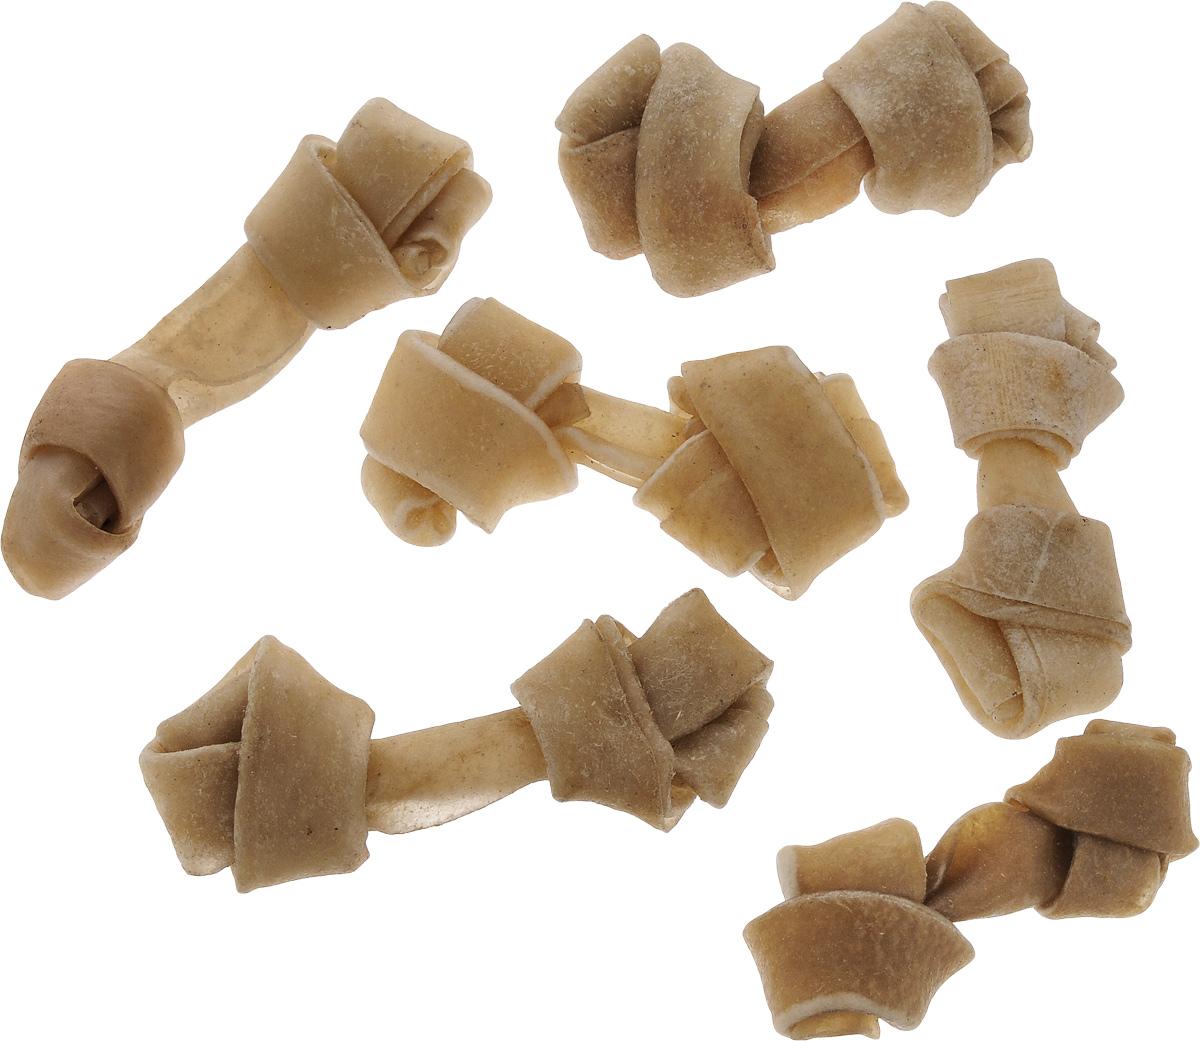 Лакомство для собак из жил Каскад Кость, с узлами, длина 8 см, 6 шт90072101Лакомство для собак Каскад Кость идеально подходит для ухода за зубами и деснами. При ежедневном применении предупреждает образование зубного налета. Такая косточка будет аппетитным лакомством и занимательной игрушкой для вашего любимца. Размер косточки: 8 х 2,5 х 1,5 см. Вес: 9-11 г. Товар сертифицирован.